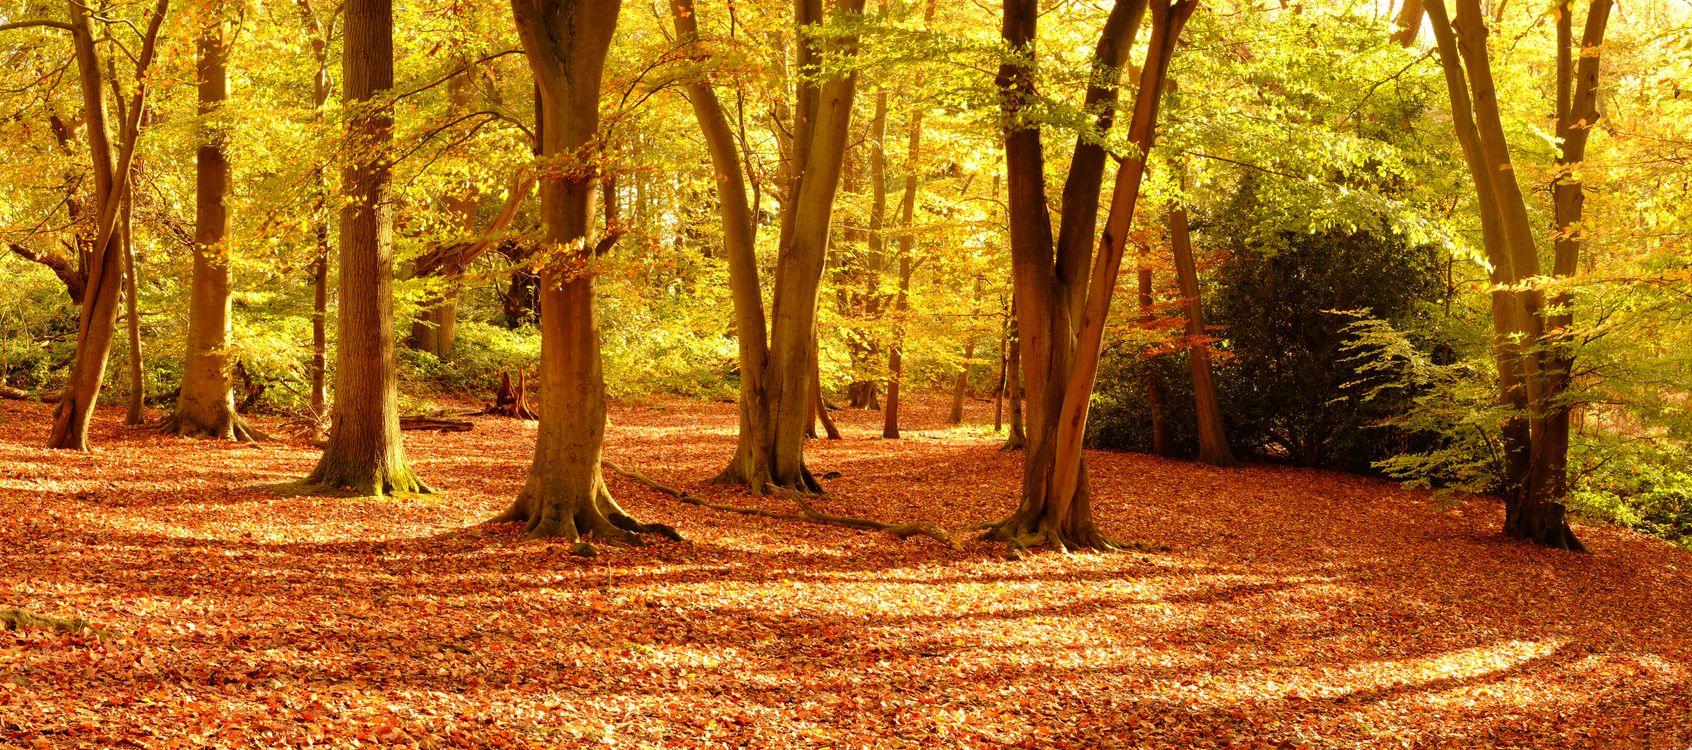 Фото бесплатно панорама, деревья, осень - на рабочий стол